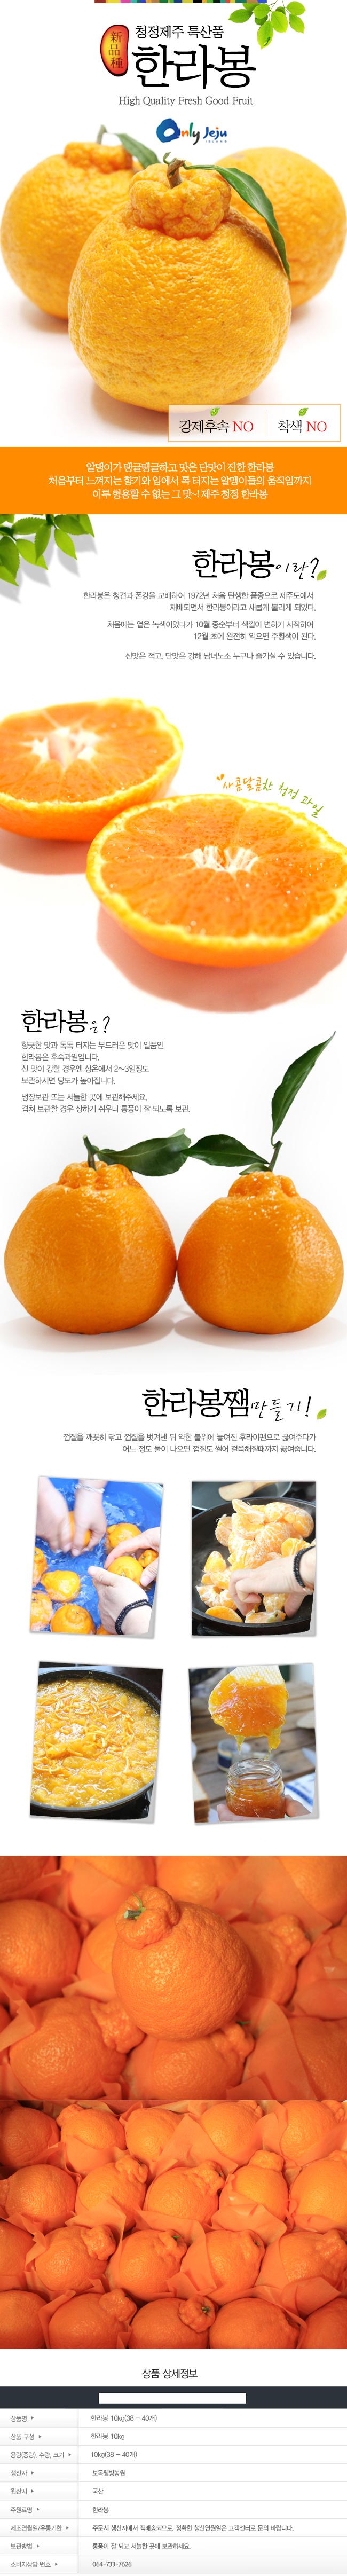 han_10kg_6.jpg